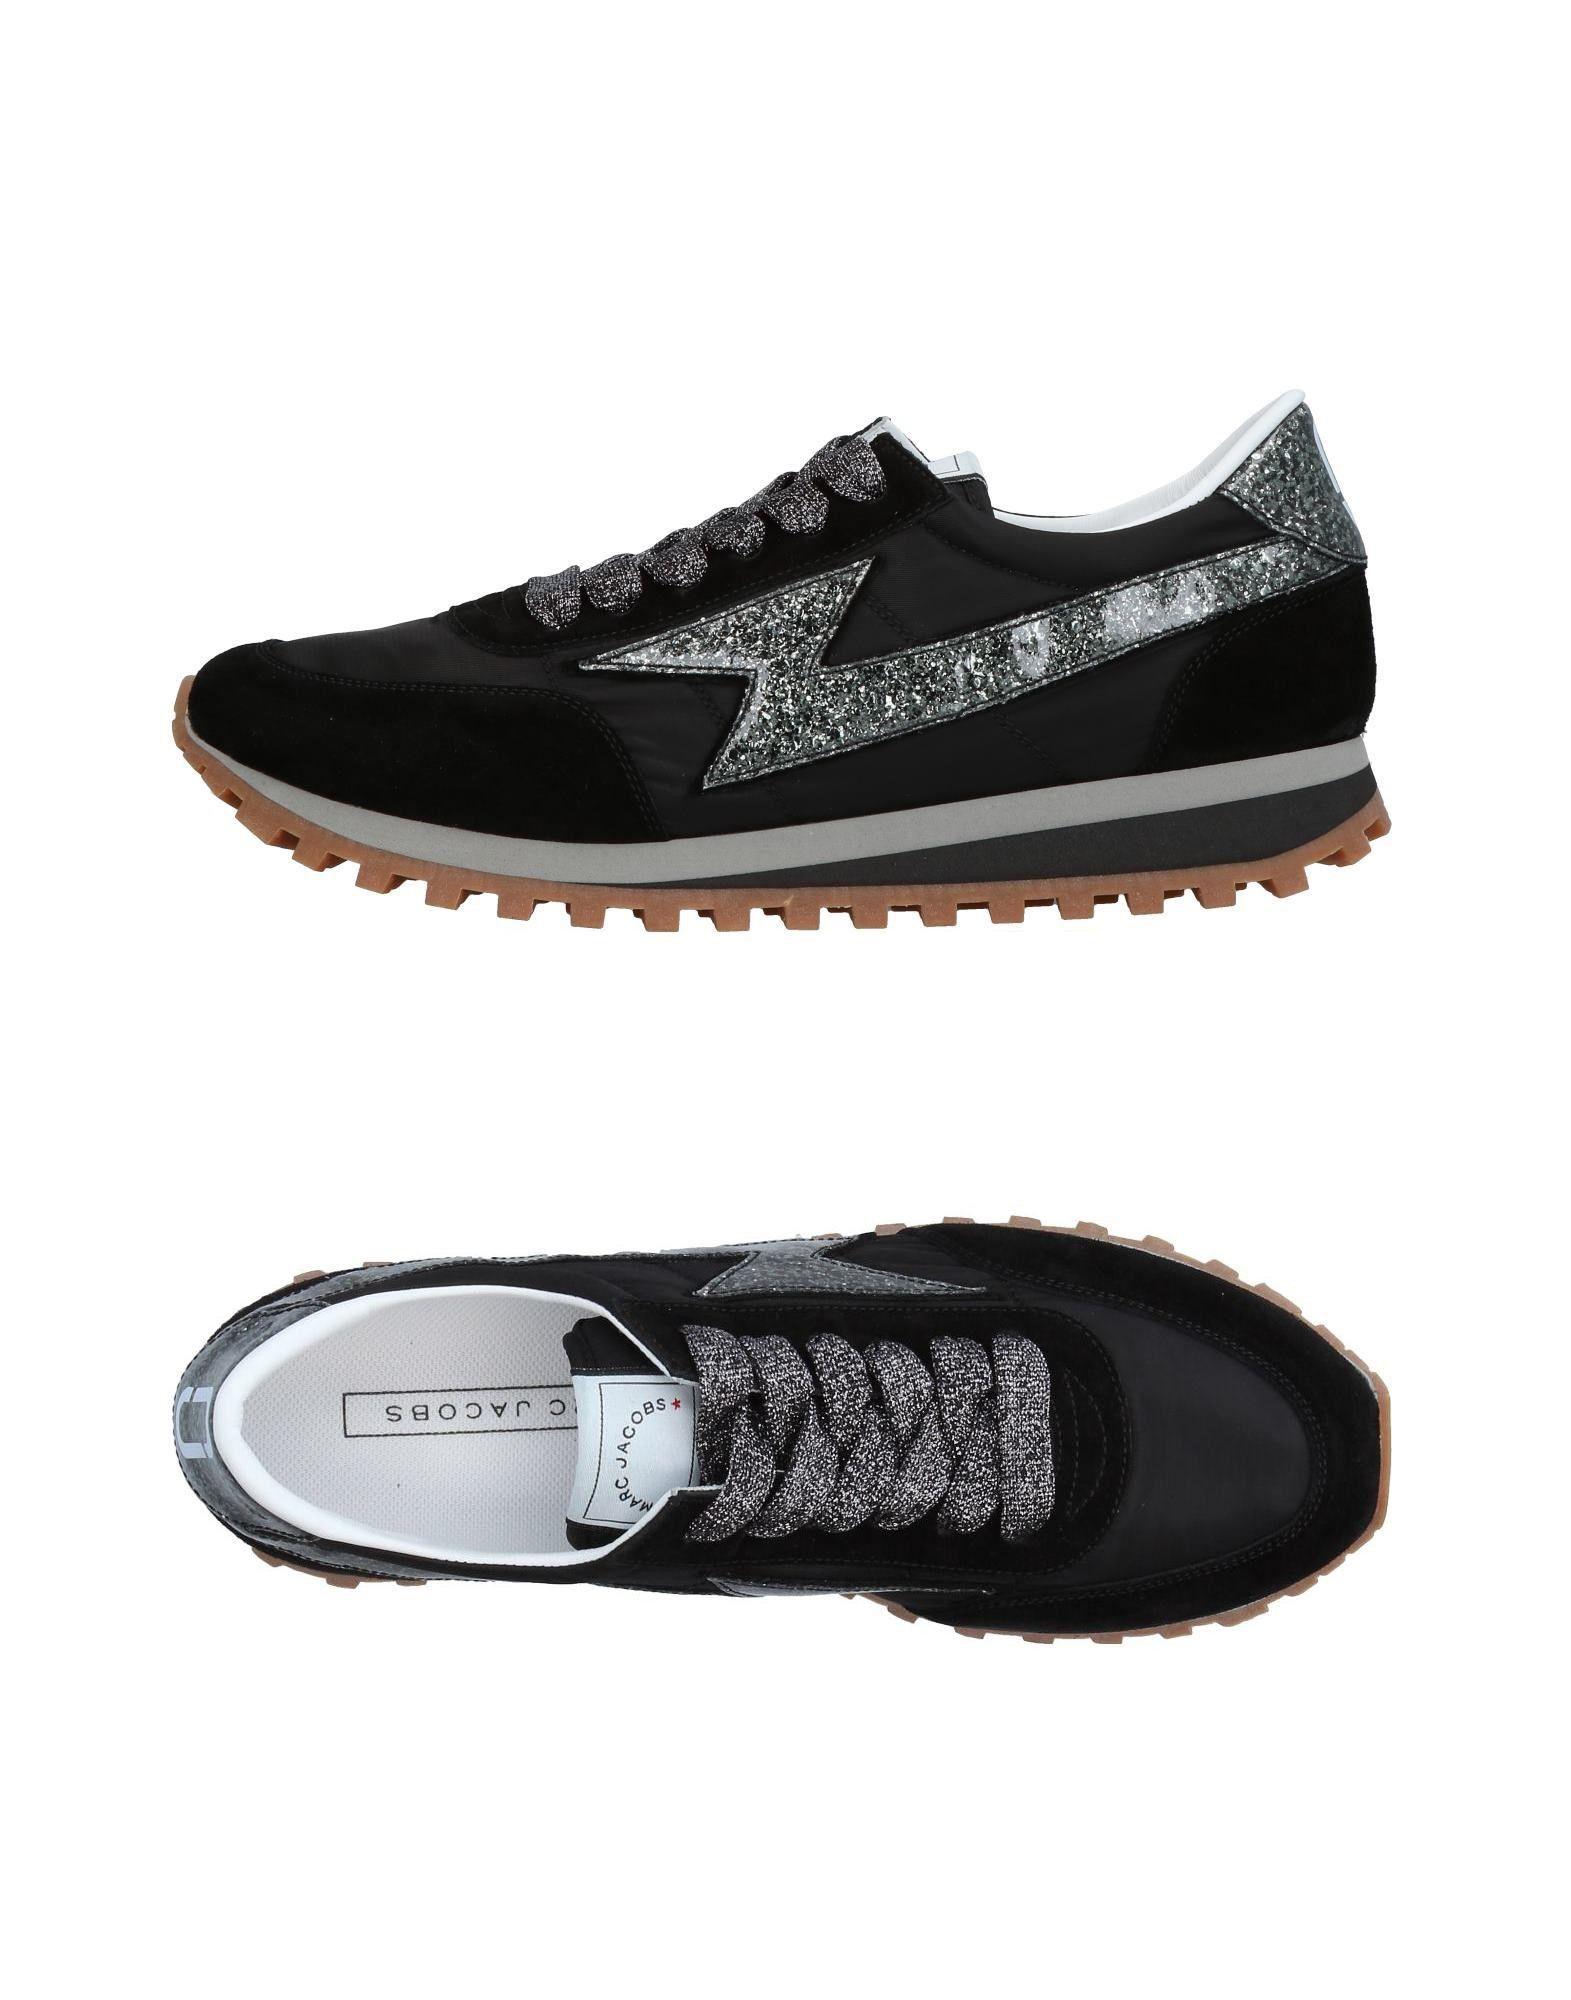 Marc Jacobs Sneakers 11340391GE Herren  11340391GE Sneakers abdd38